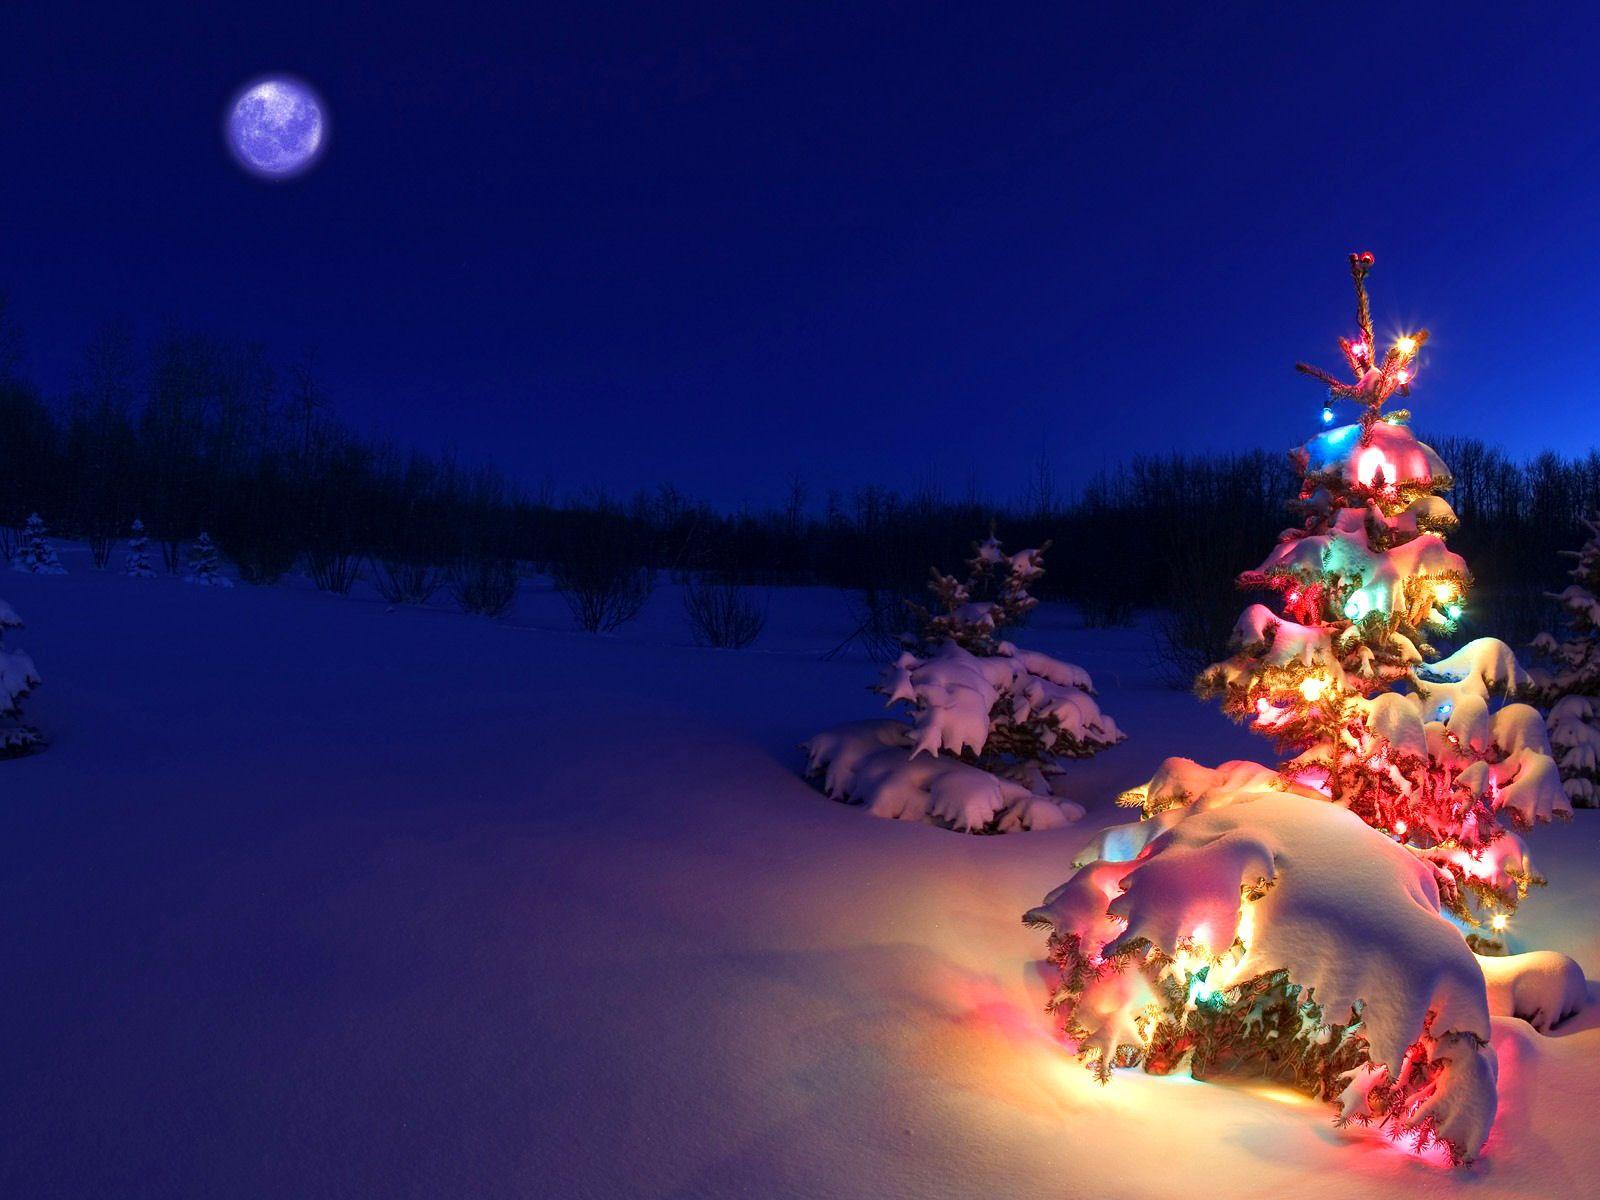 Christmas Lights And Snow Screensaver